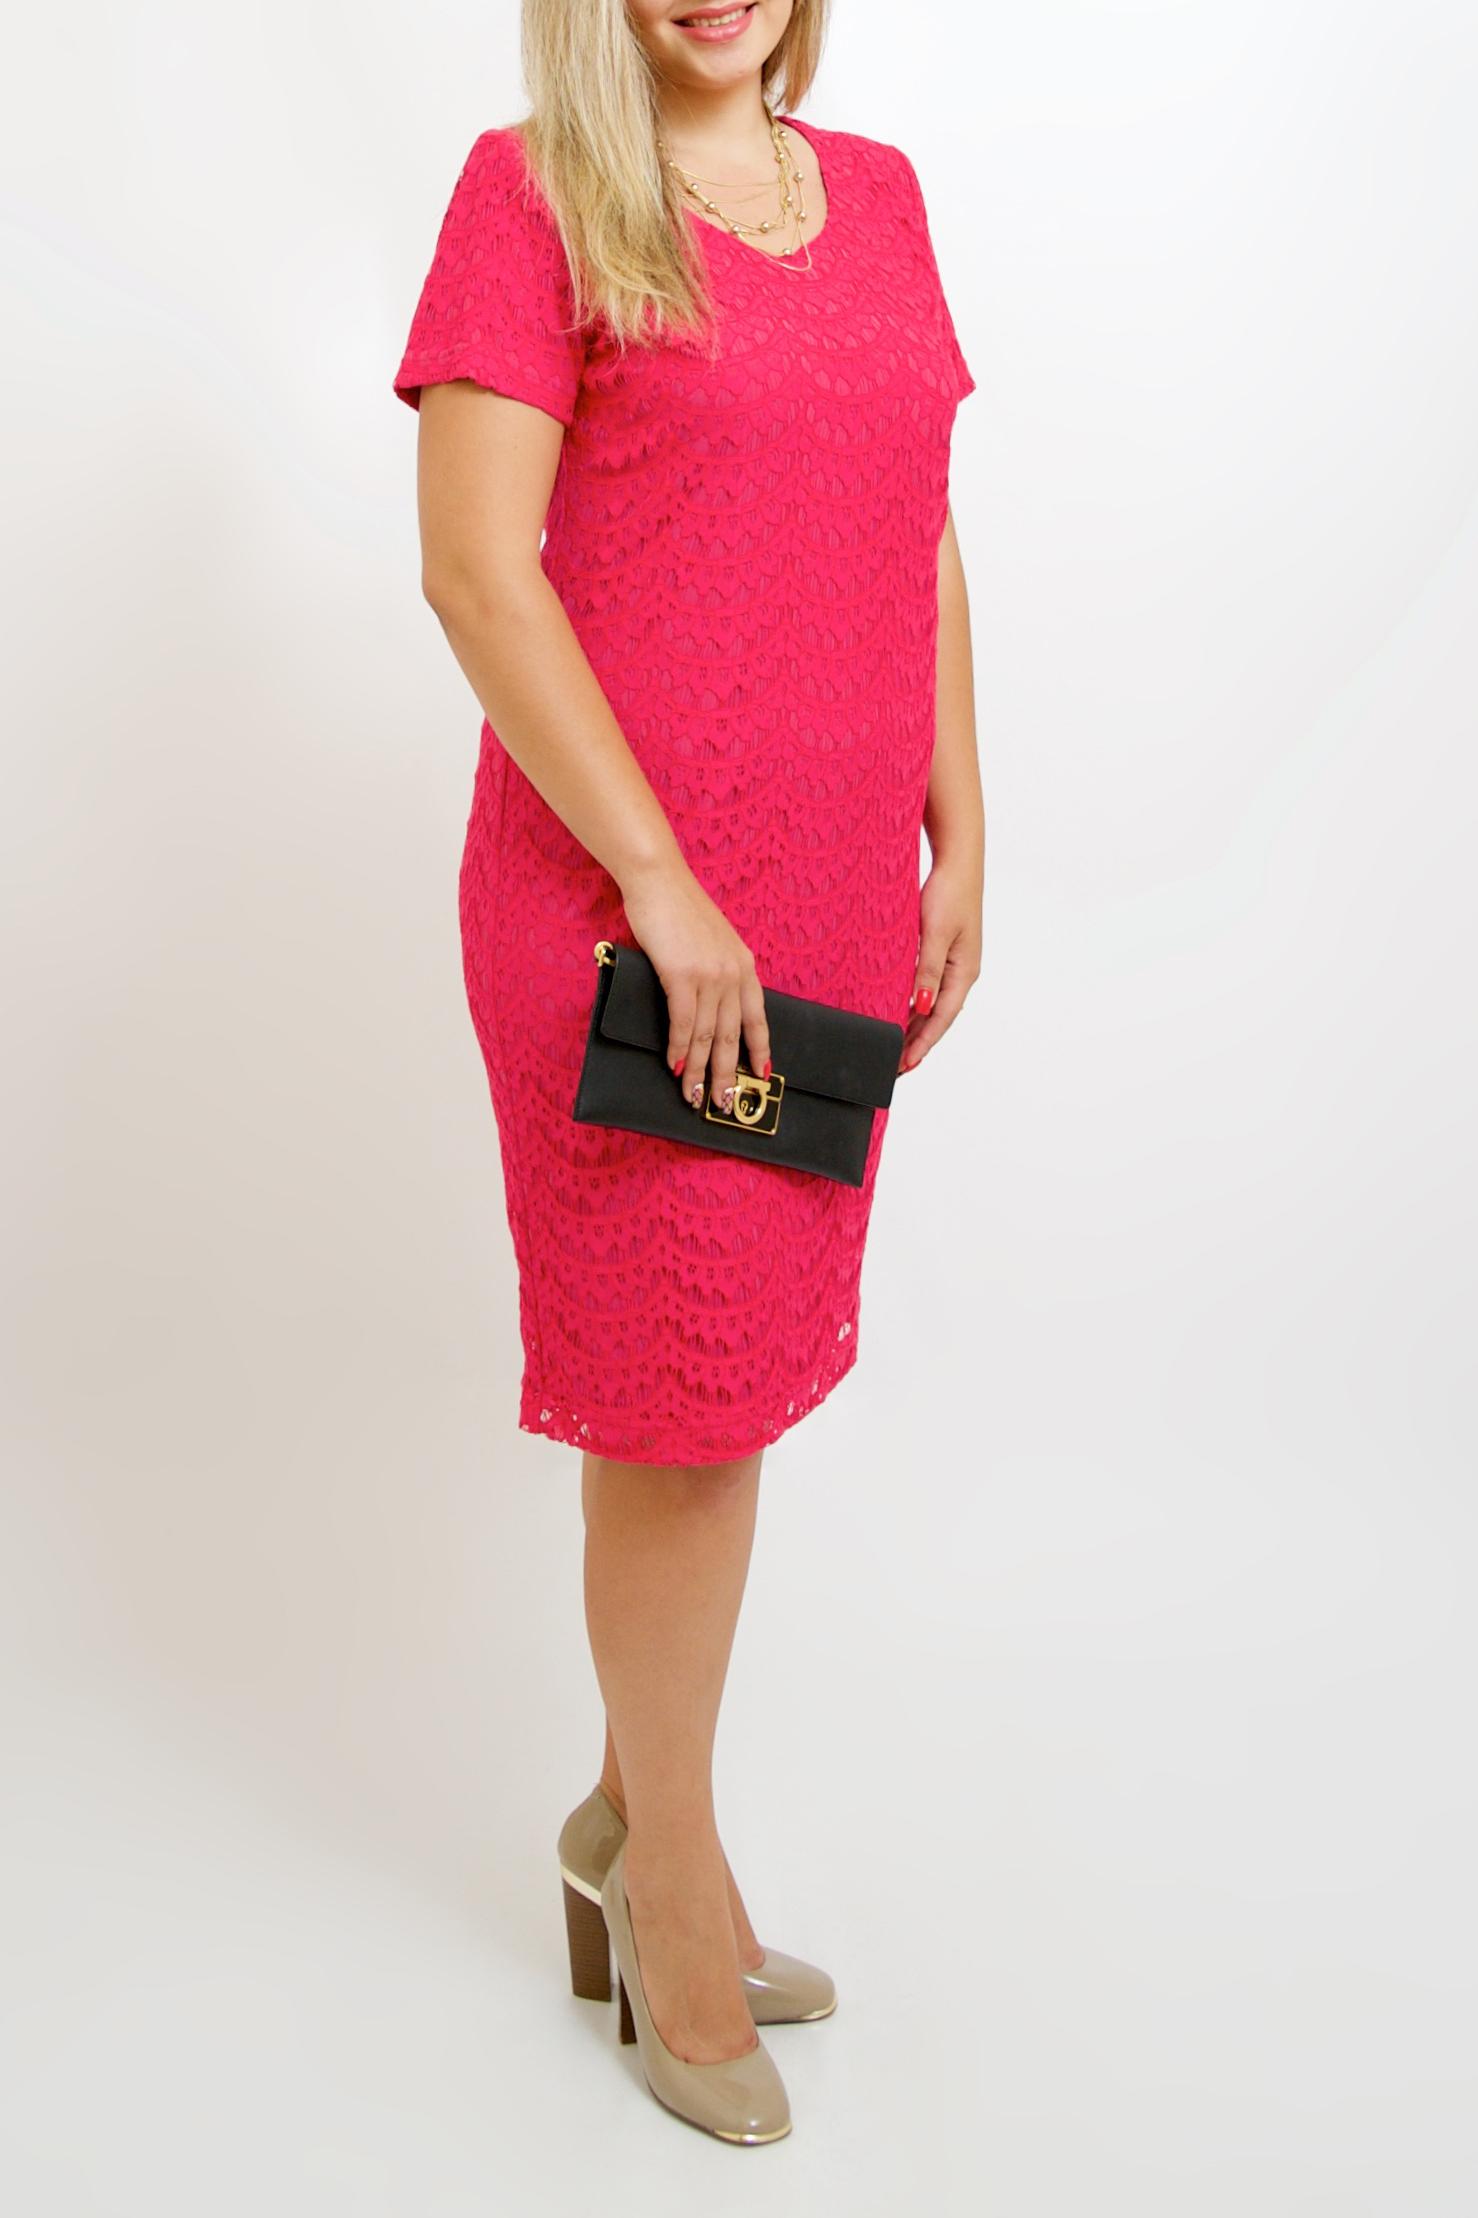 ПлатьеПлатья<br>Нарядное платье с короткими рукавами. Модель выполнена из ажурного гипюра на подкладе. Отличный выбор для любого торжества.   Цвет: розовый  Рост девушки-фотомодели 170 см.<br><br>Горловина: С- горловина<br>По длине: Ниже колена<br>По материалу: Гипюр<br>По образу: Свидание<br>По рисунку: Однотонные,Фактурный рисунок<br>По сезону: Весна,Зима,Лето,Осень,Всесезон<br>По силуэту: Полуприталенные<br>По стилю: Нарядный стиль<br>По форме: Платье - футляр<br>Рукав: Короткий рукав<br>Размер : 44-46,48-50,52-56,58-62,64-68<br>Материал: Гипюр<br>Количество в наличии: 8